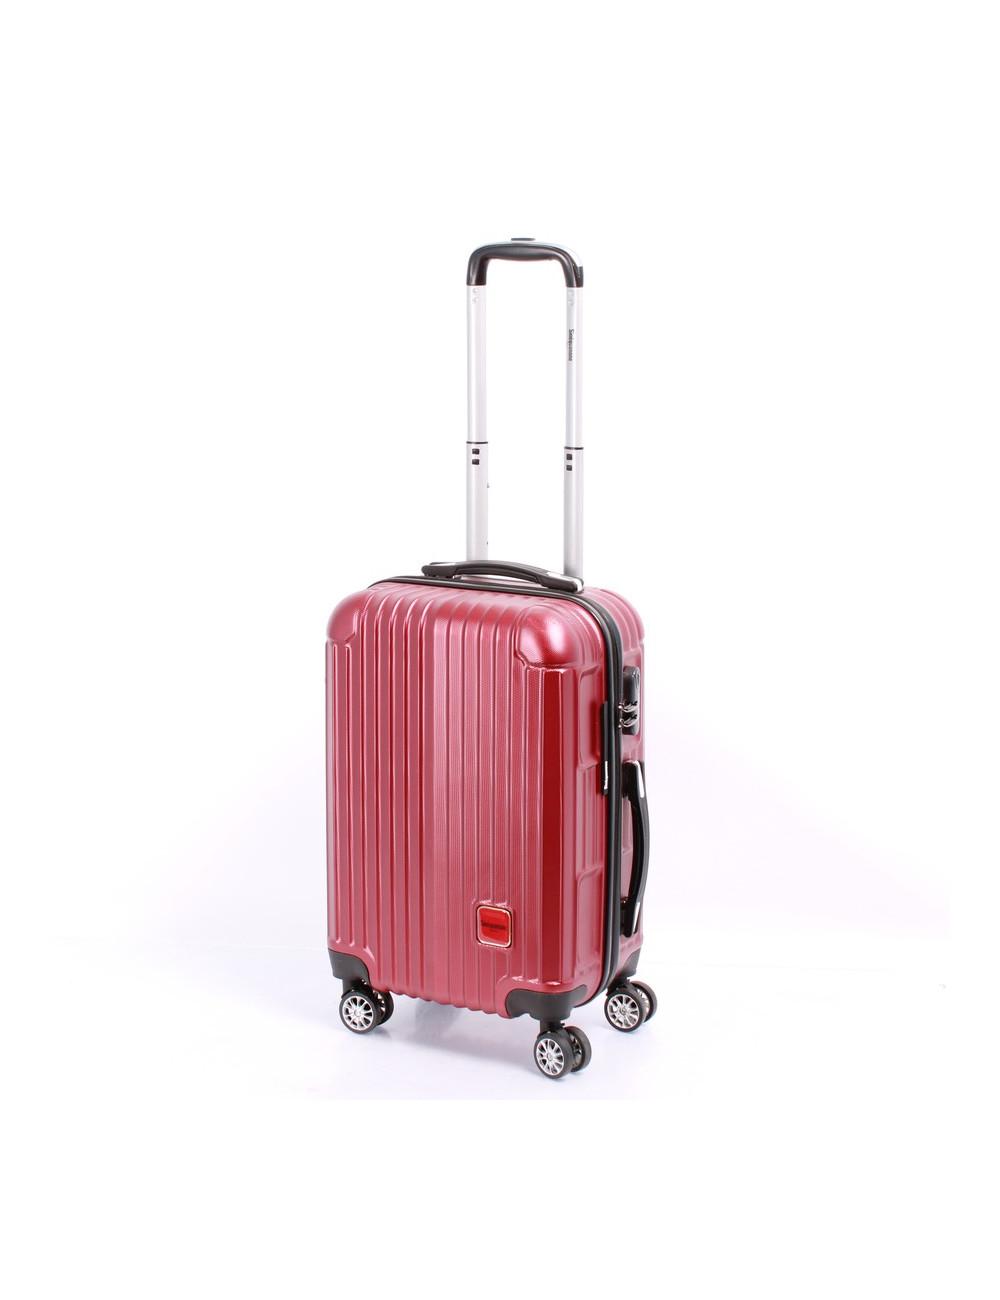 valise cabine Sinequanone